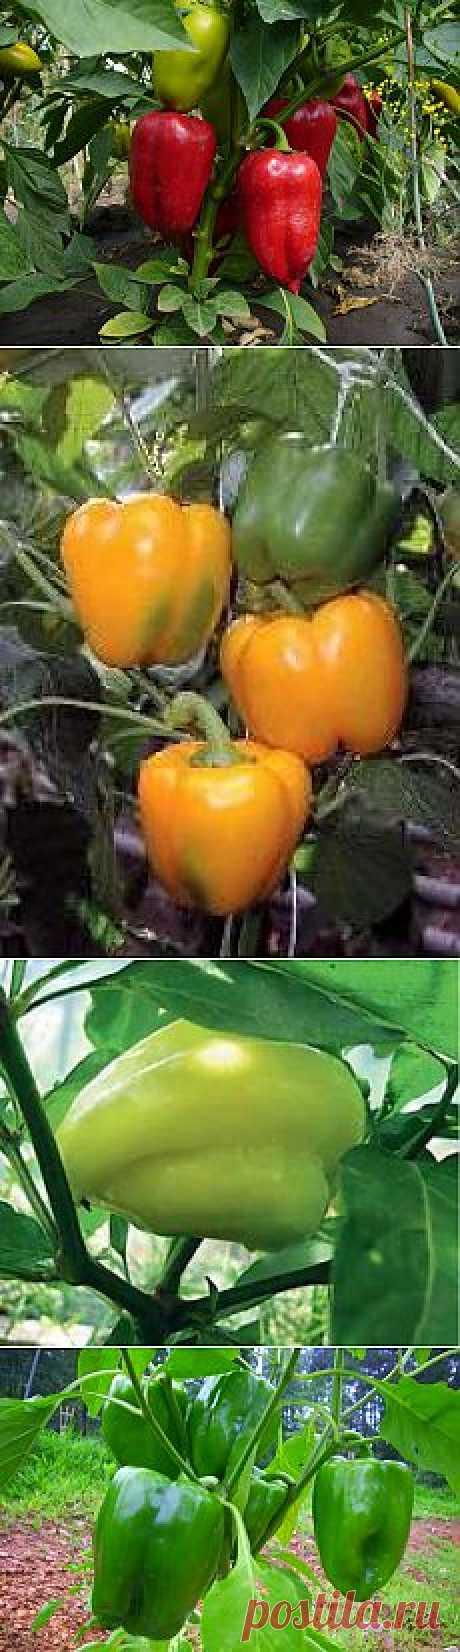 Сладкий перец. Советы по уходу и выращиванию.